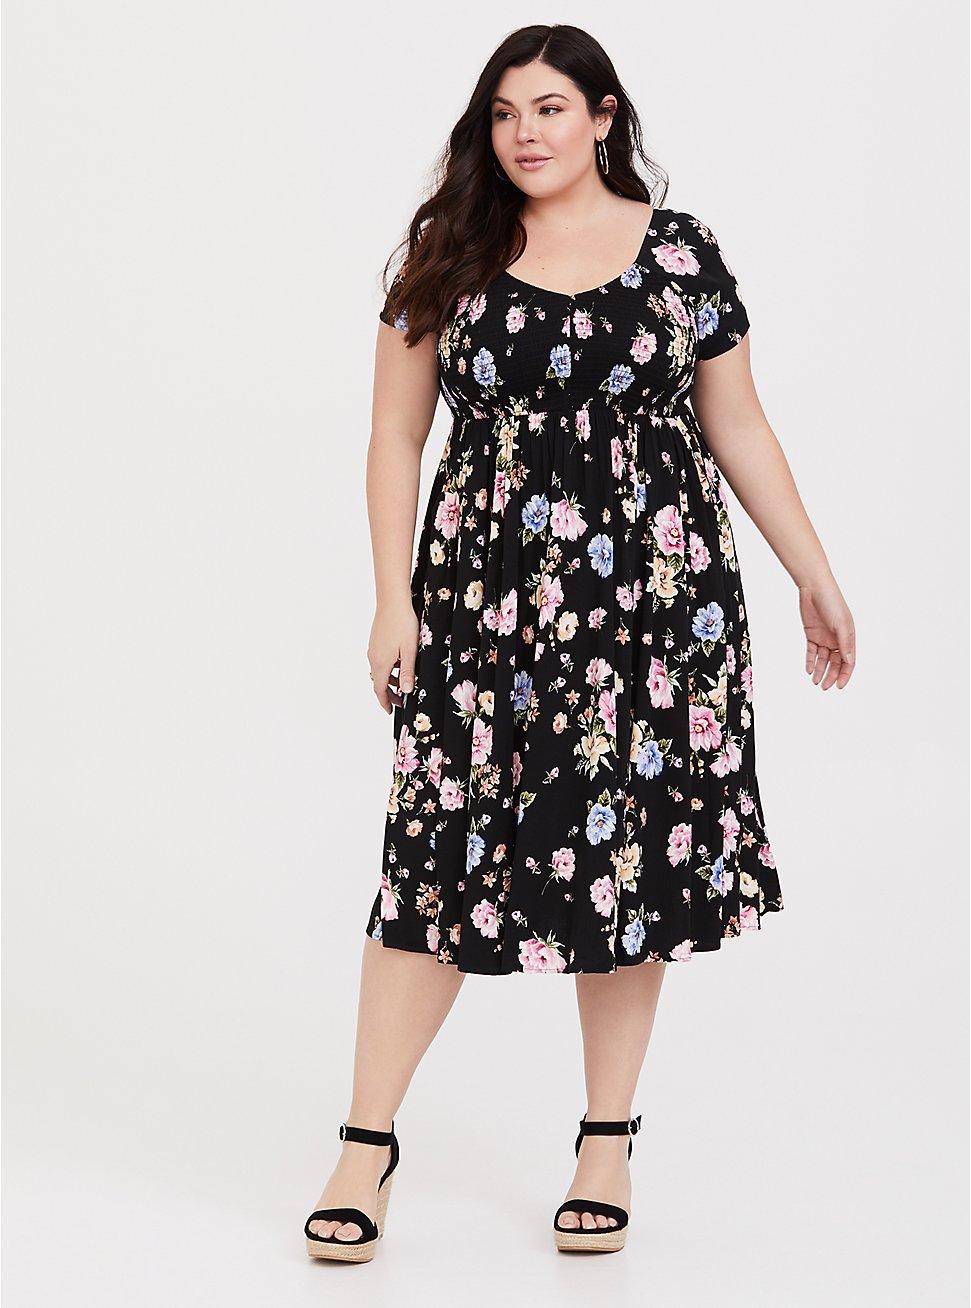 Plus Size Black Floral Challis Midi Dress, FLOWER SHOWER, hi-res